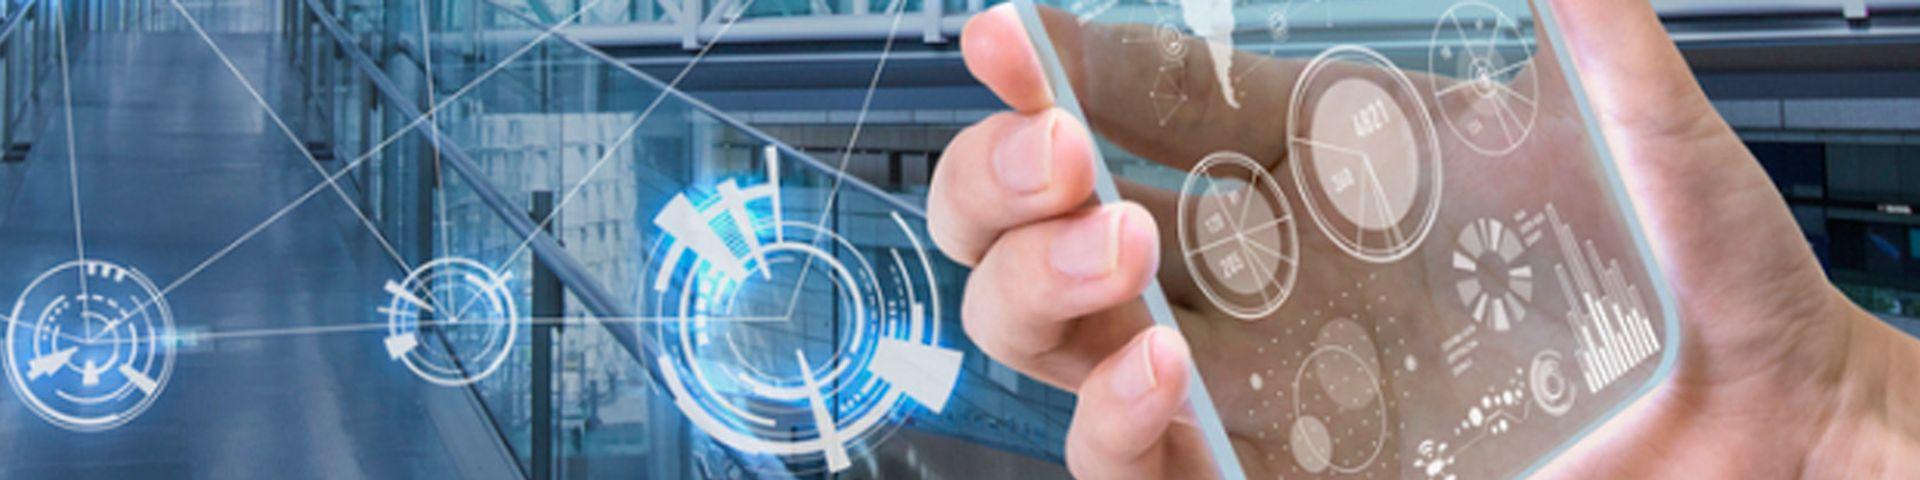 Transformación digital para negocios